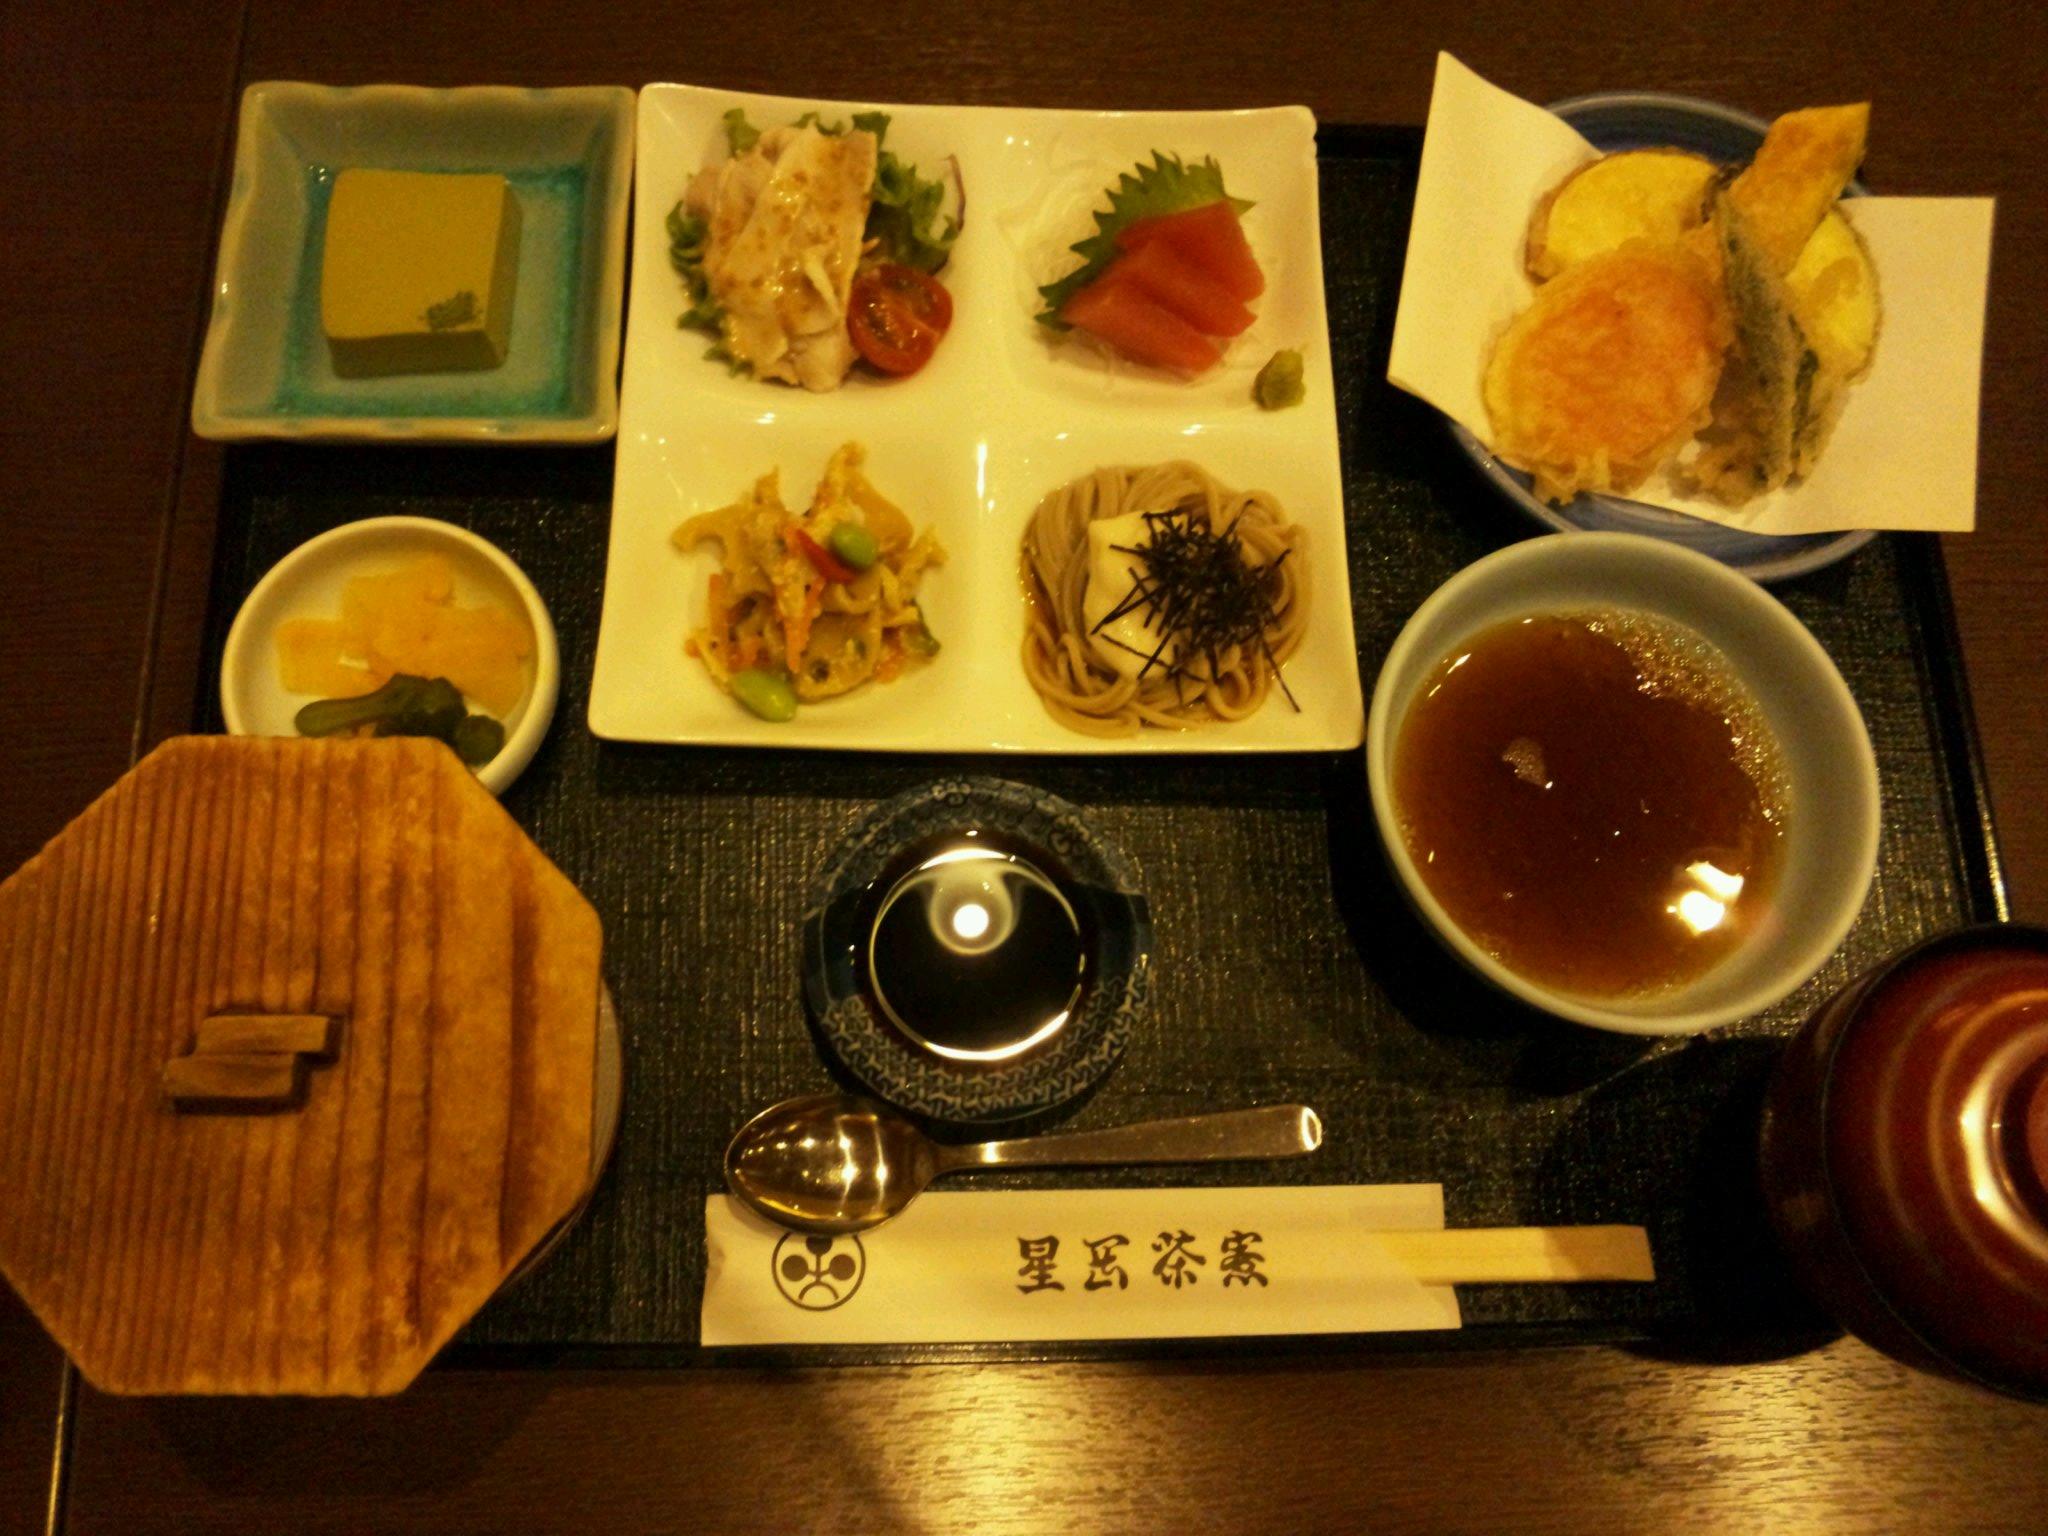 【星ヶ岡茶寮】熊本鶴屋の中にある、手頃な値段の和食のお店